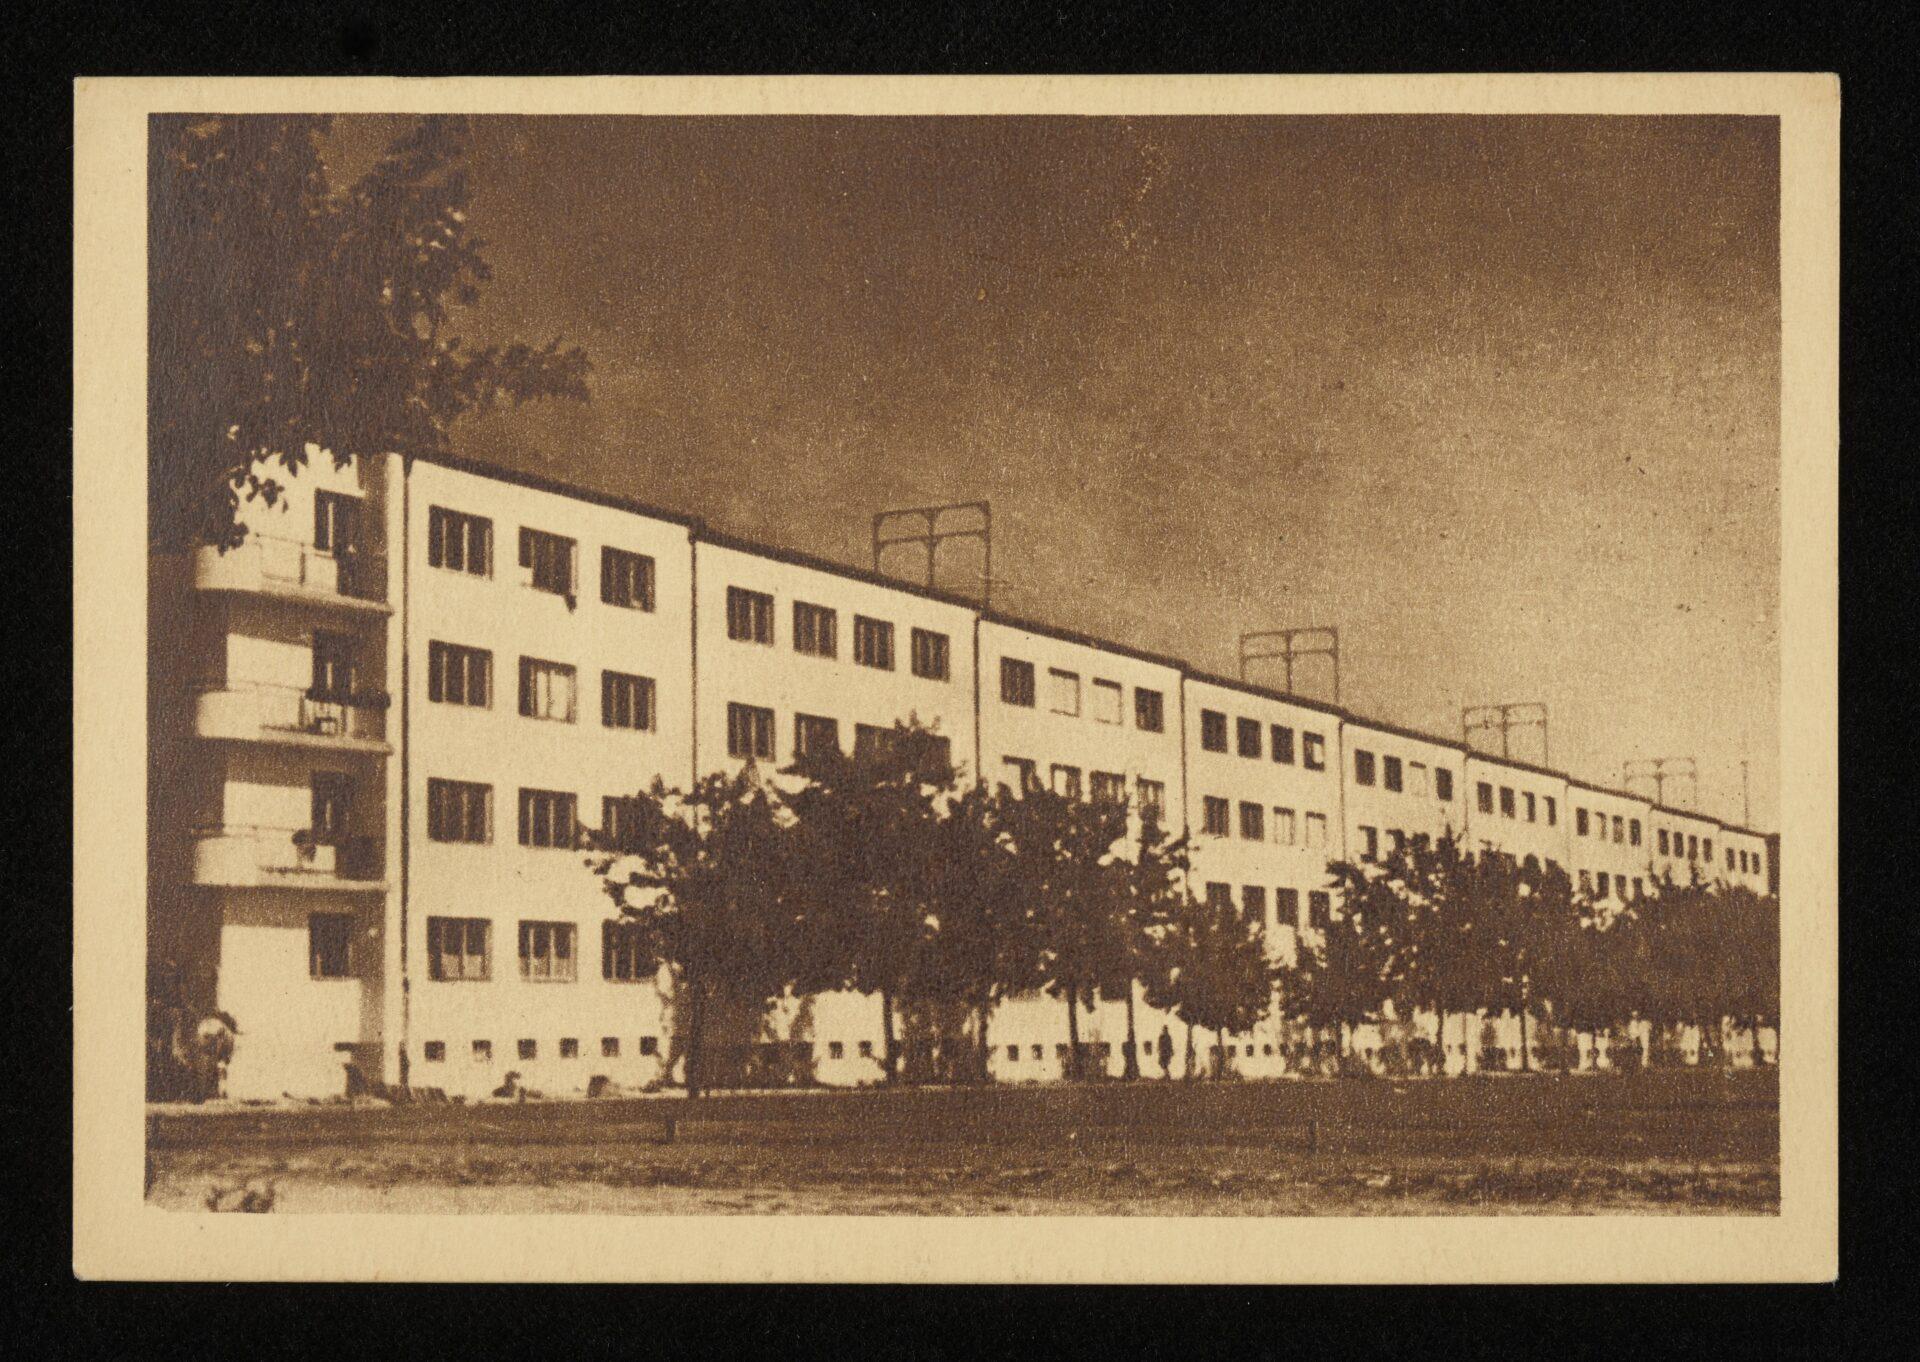 Czarno białe zdjęcie archiwalne. Jasny blok mieszkalny zczterema kondygnacjami. Przednim zasadzone drzewa.